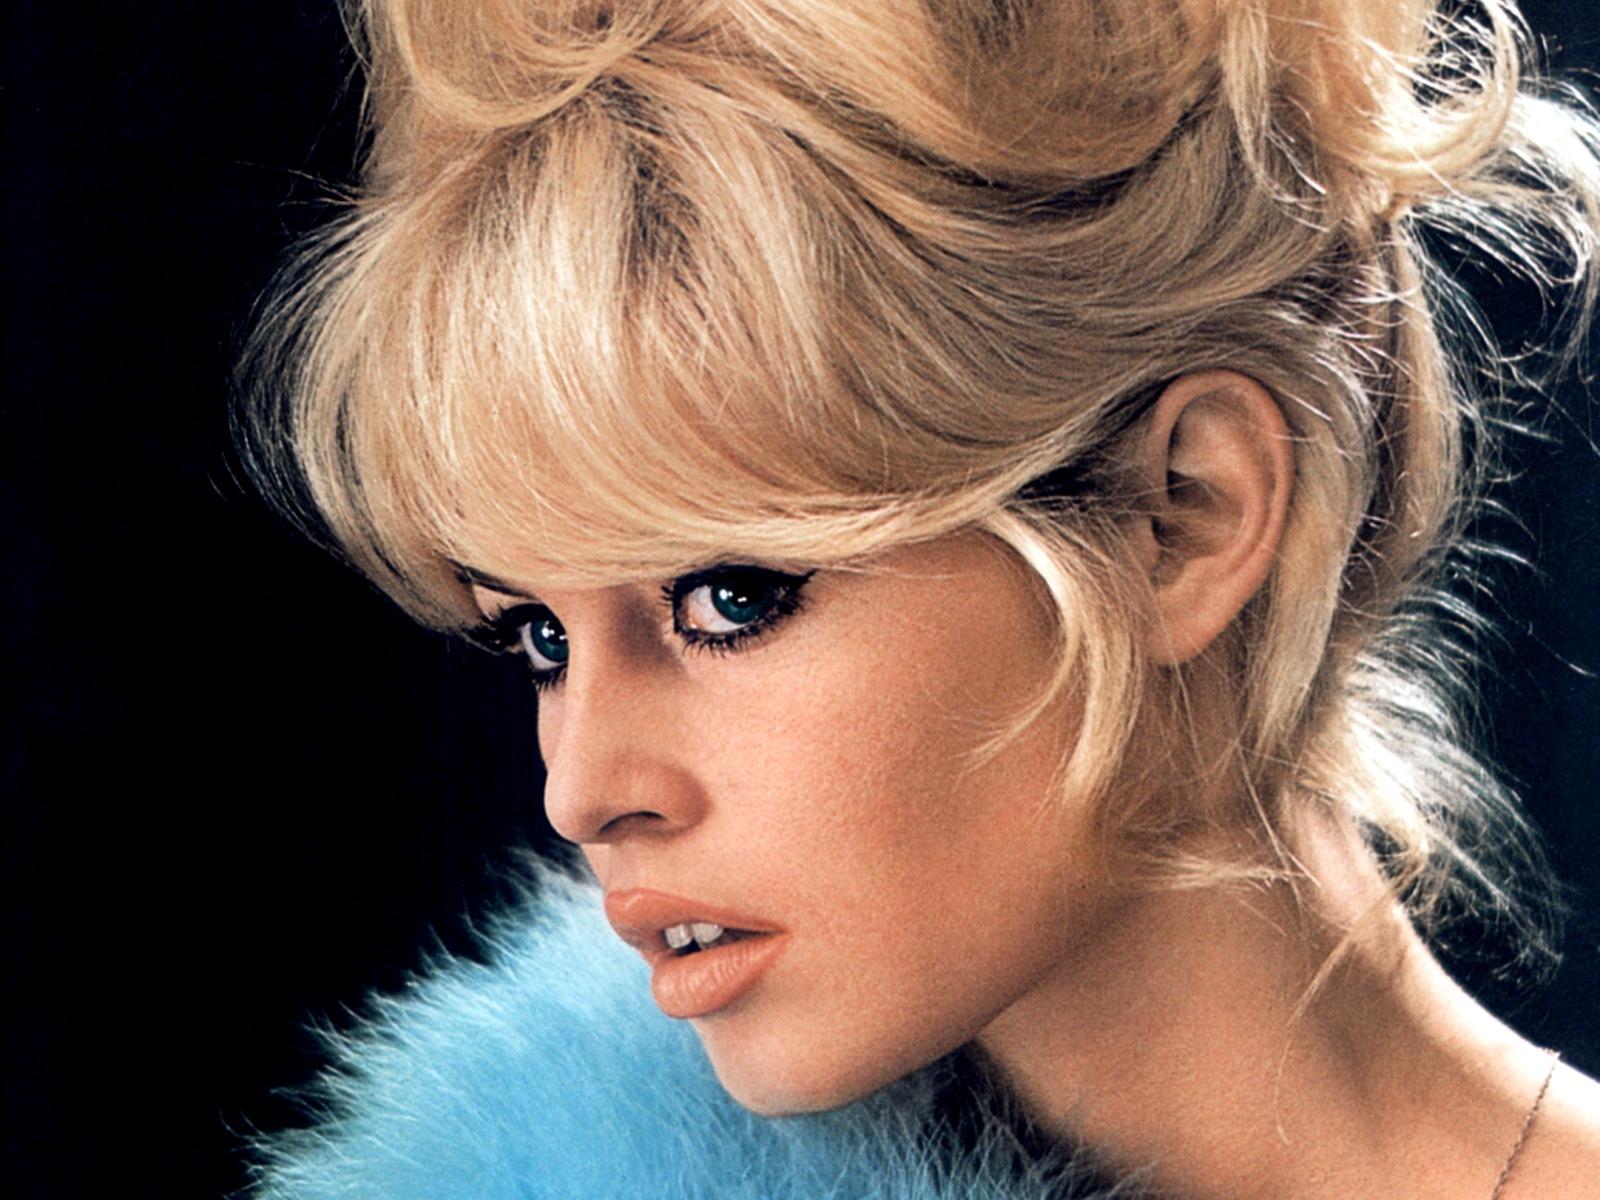 Brigitte Bardot. For mange den vakreste kvinne som noensinne har levd, og som var hovedinspirasjonen for Ferraris designteam i det som ble til Ferrari BB.